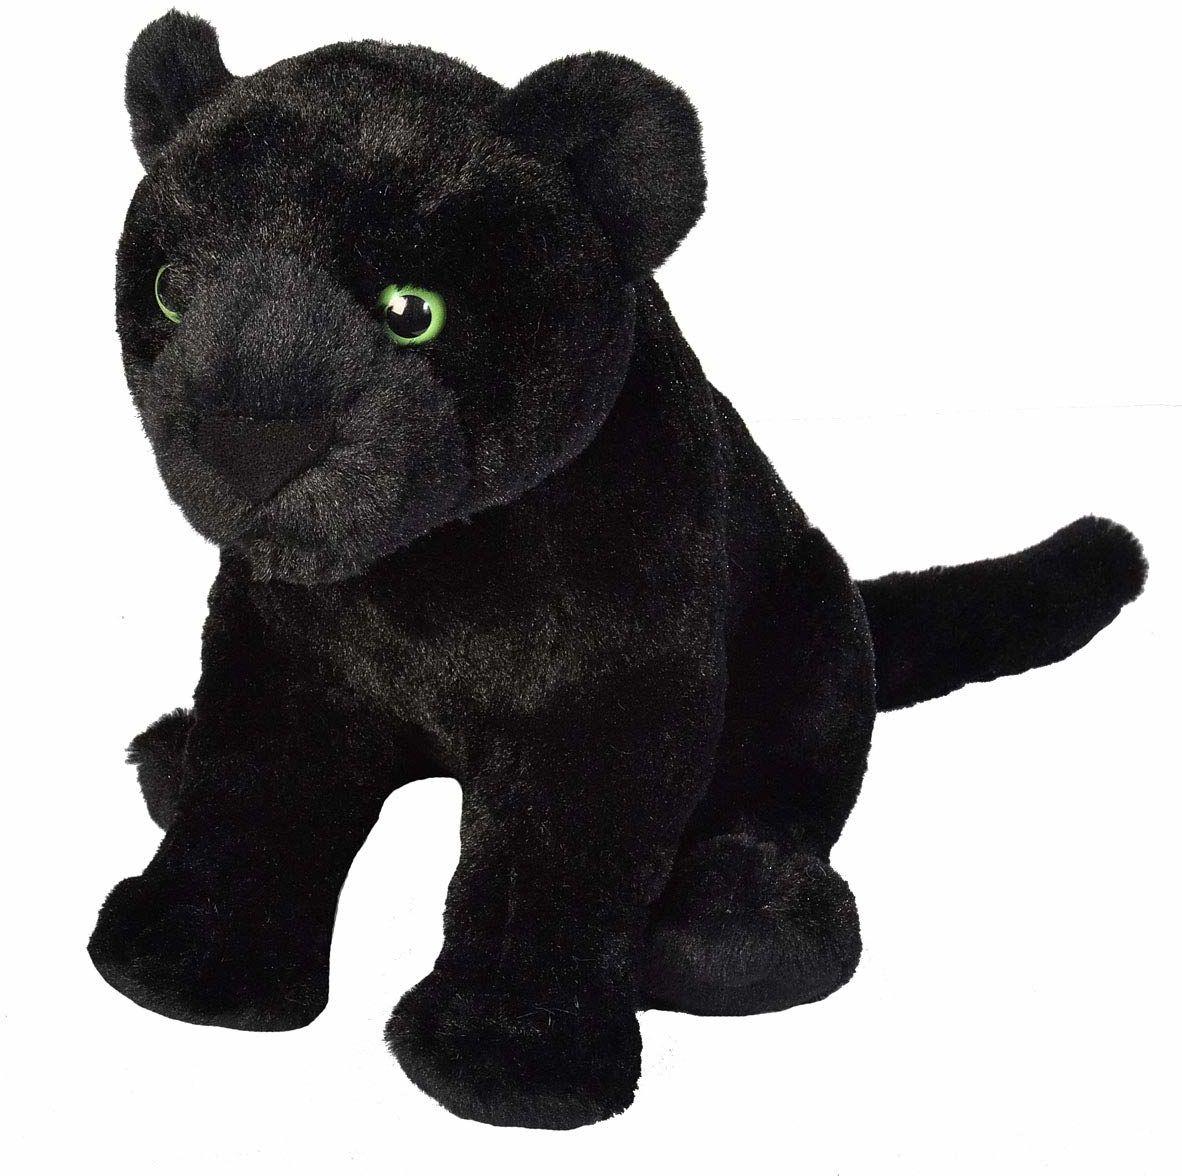 Wild Republic 19414 Czarny Jaguar Plush, Przytulne miękkie zabawki, prezenty dla dzieci, 30 cm